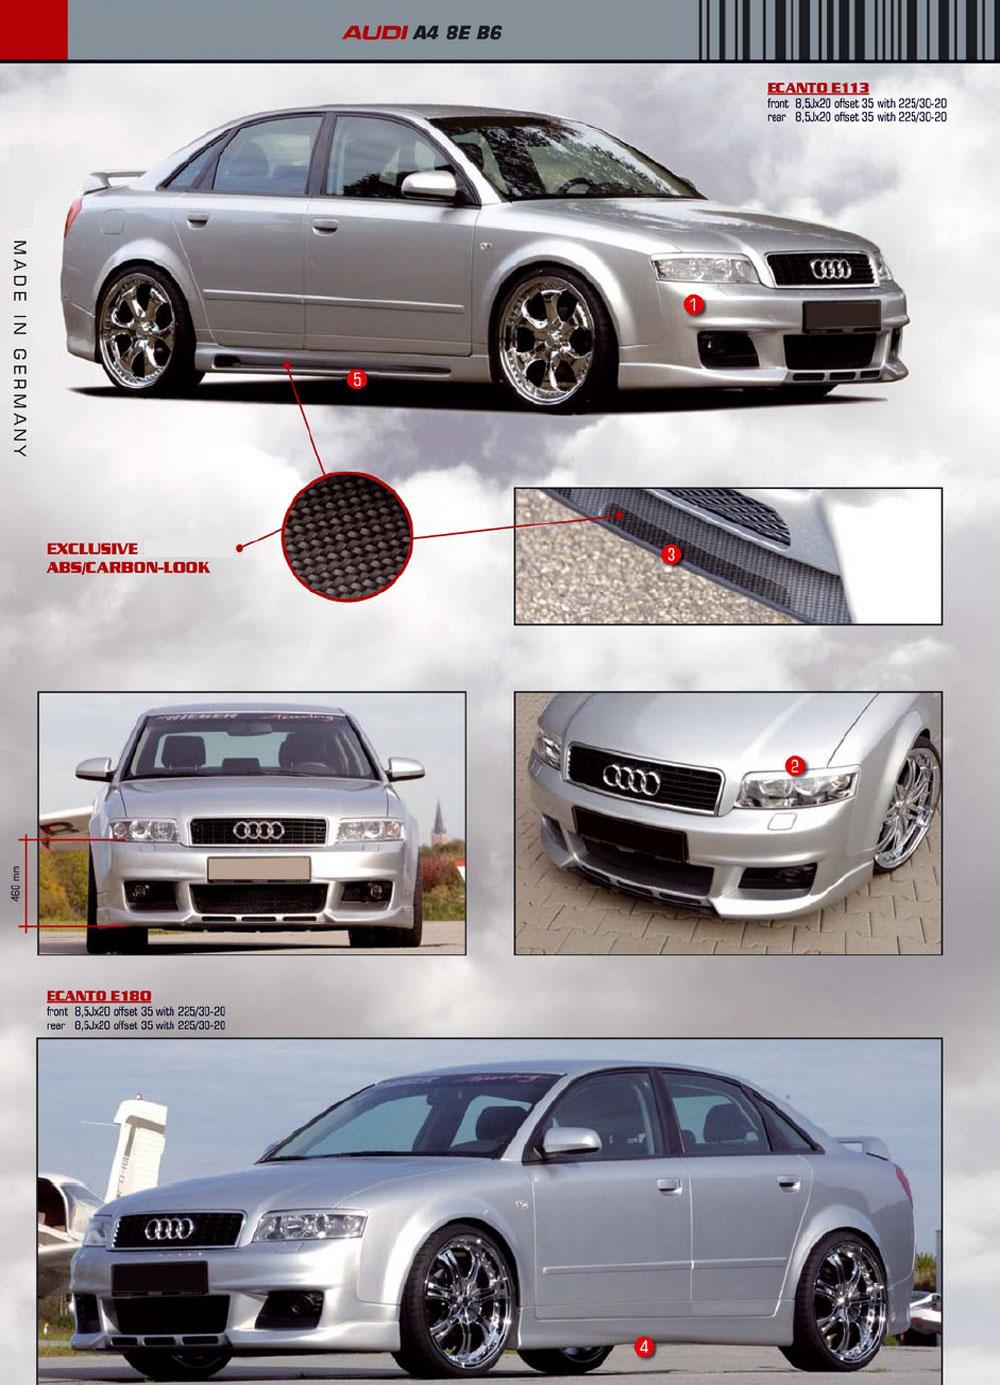 Audi a4 b6 Body Kit Body Kits 3 3 a4 b6